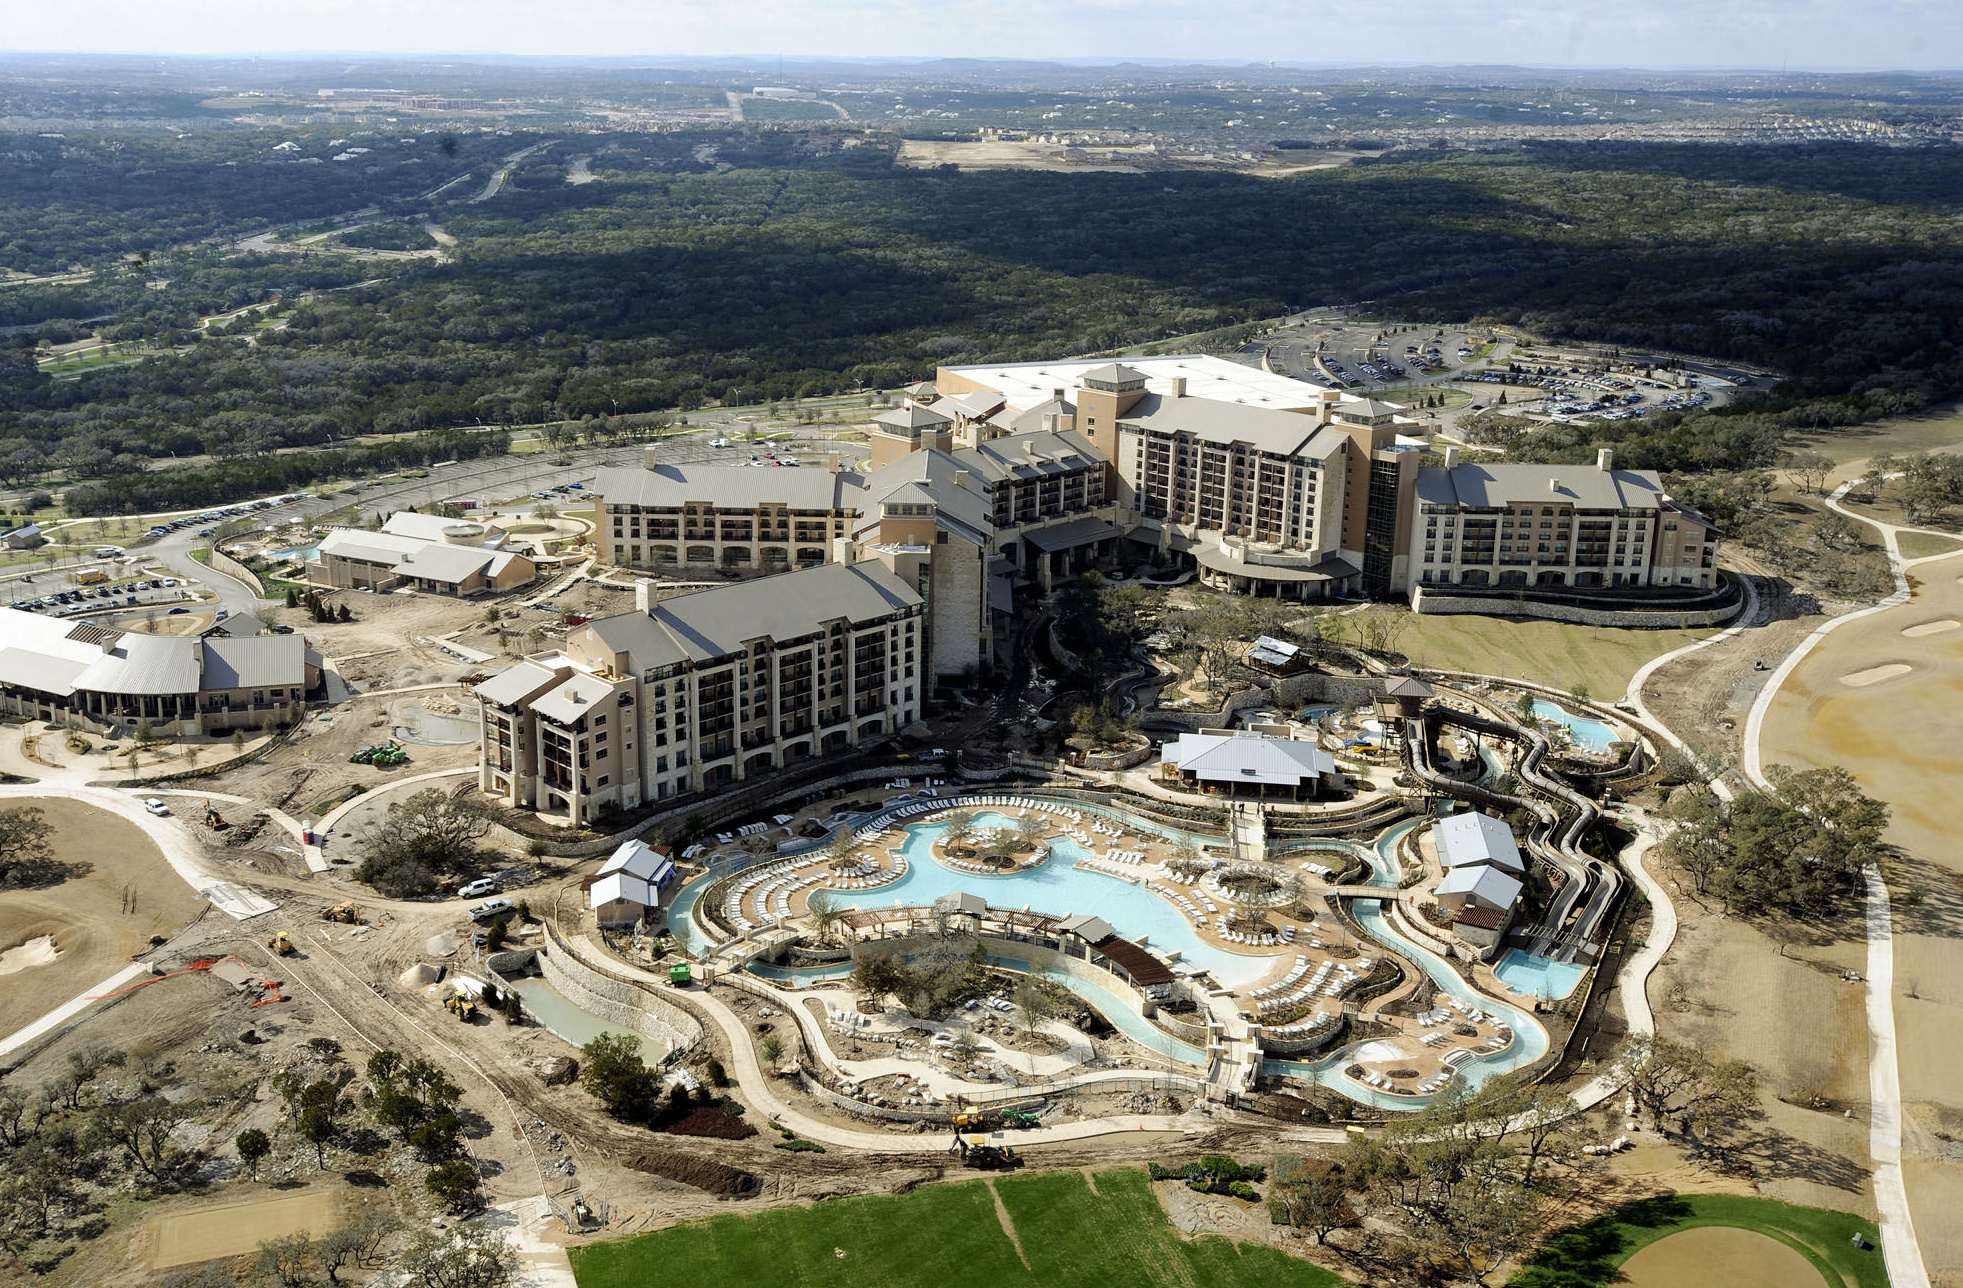 Property Lawsuits Skyrocket In Bexar County San Antonio